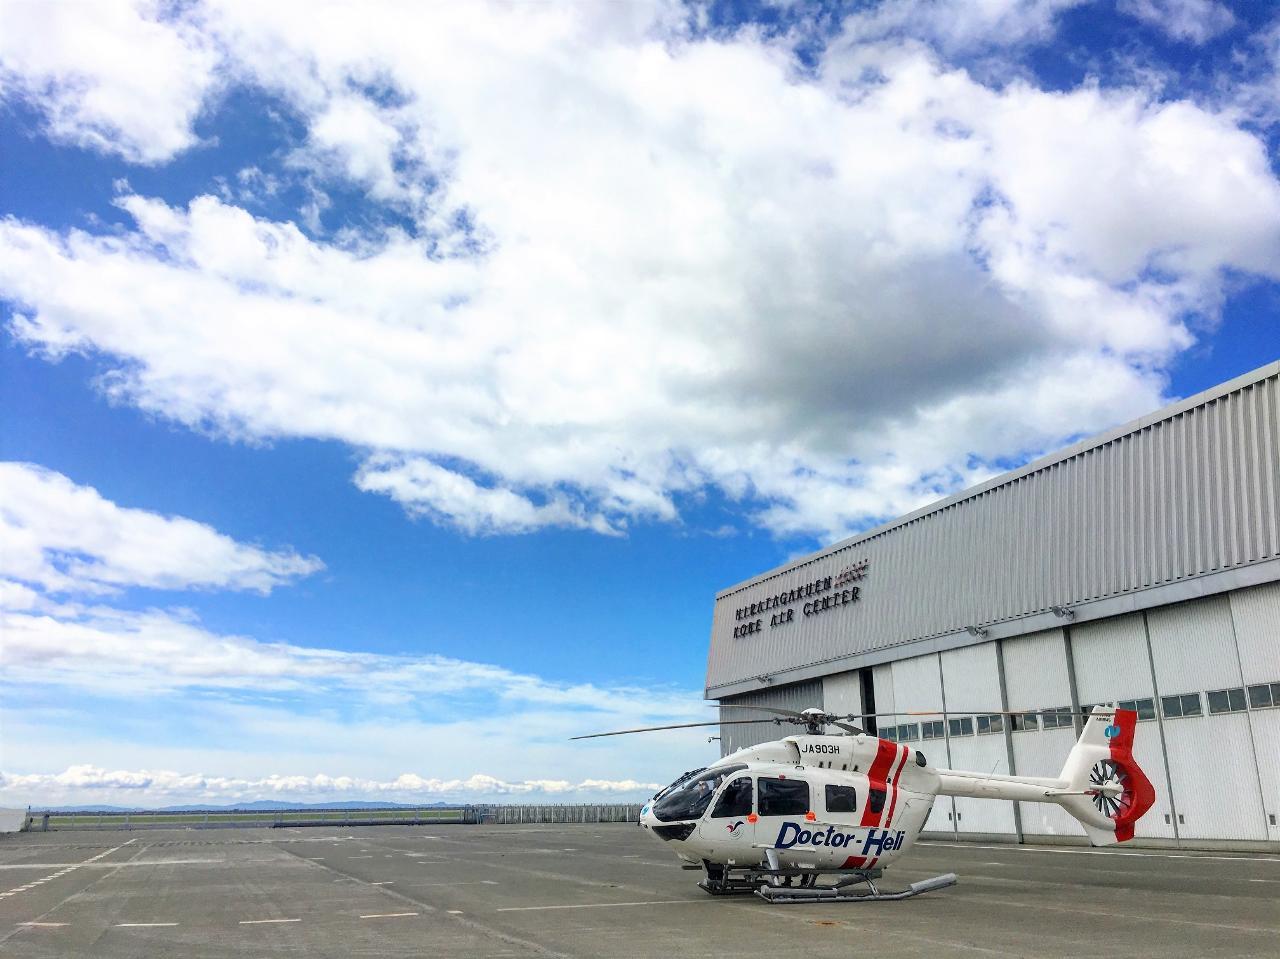 Japan's Hiratagakuen strengthens aeromedical fleet